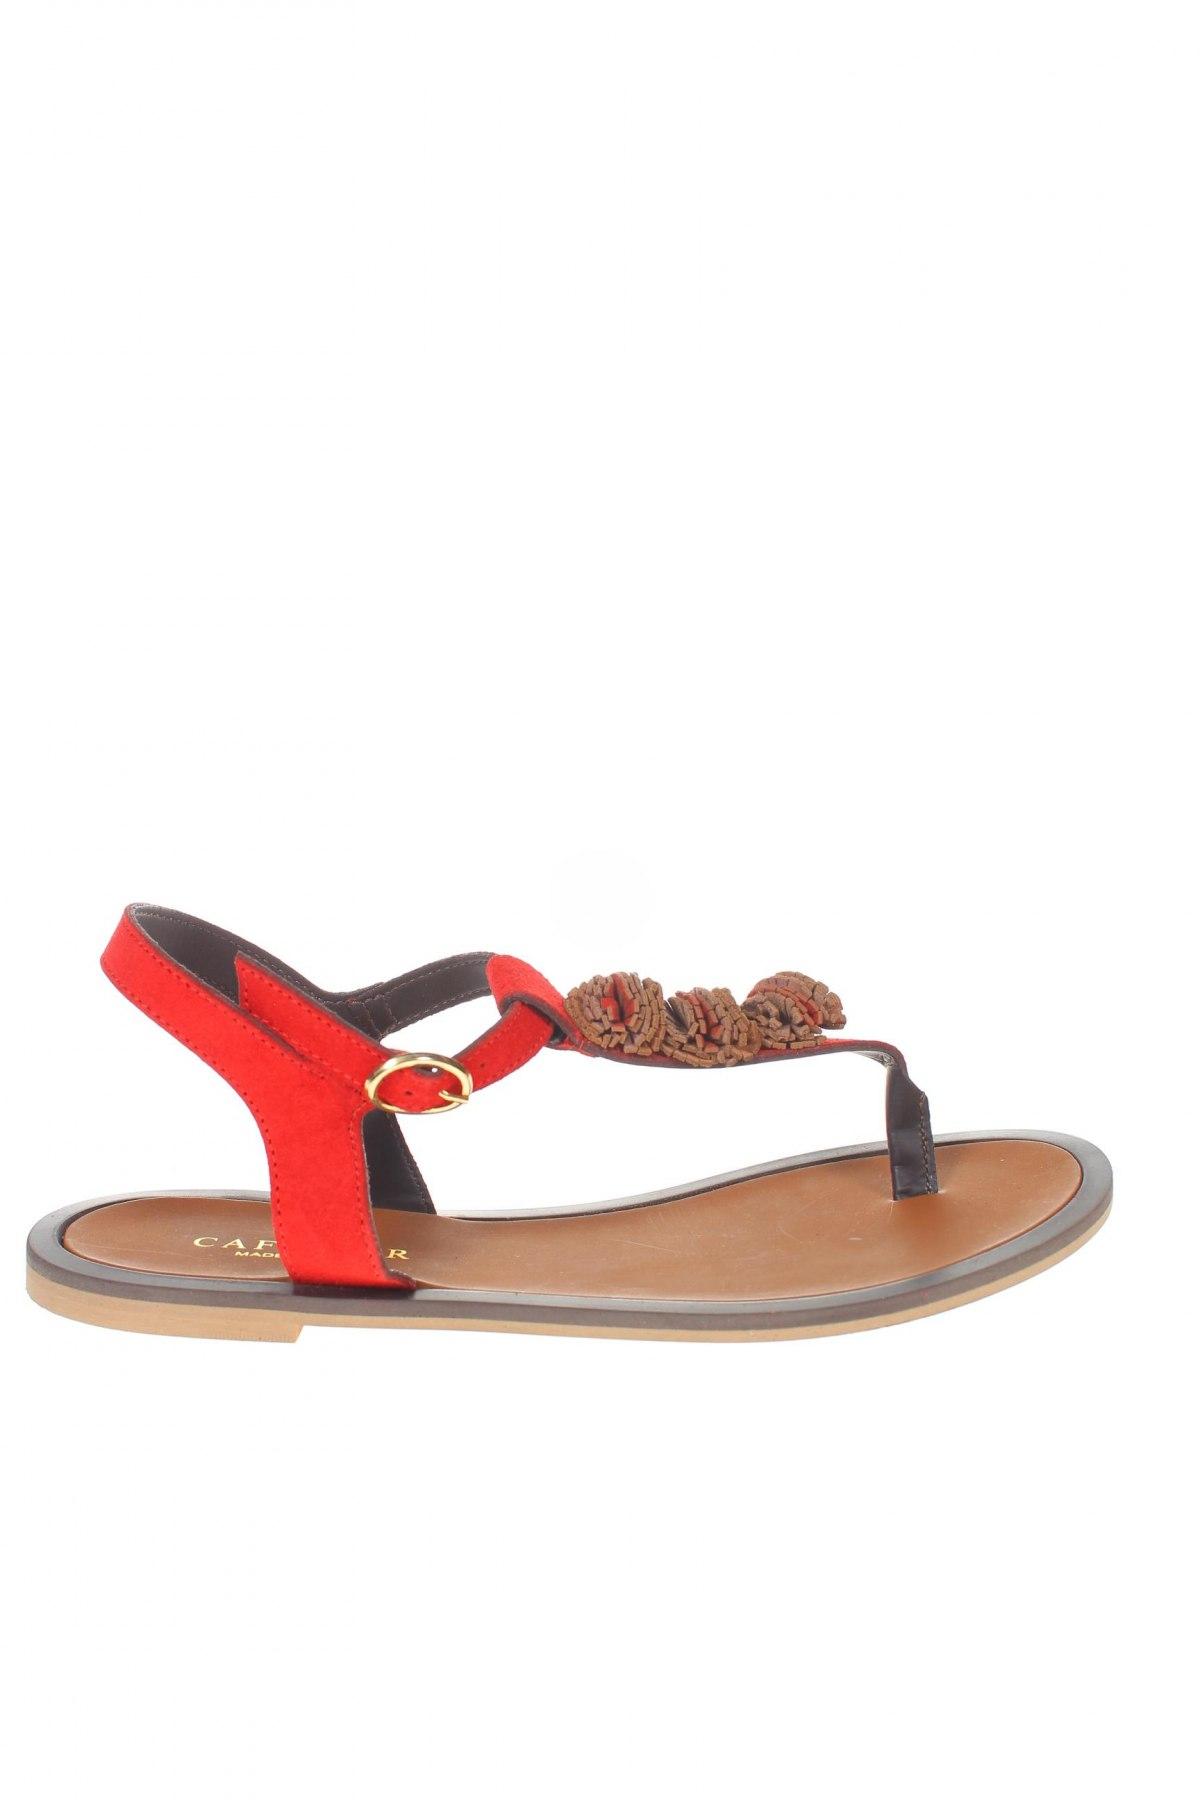 Σανδάλια CAFèNOIR, Μέγεθος 38, Χρώμα Κόκκινο, Φυσικό σουέτ, Τιμή 34,41€